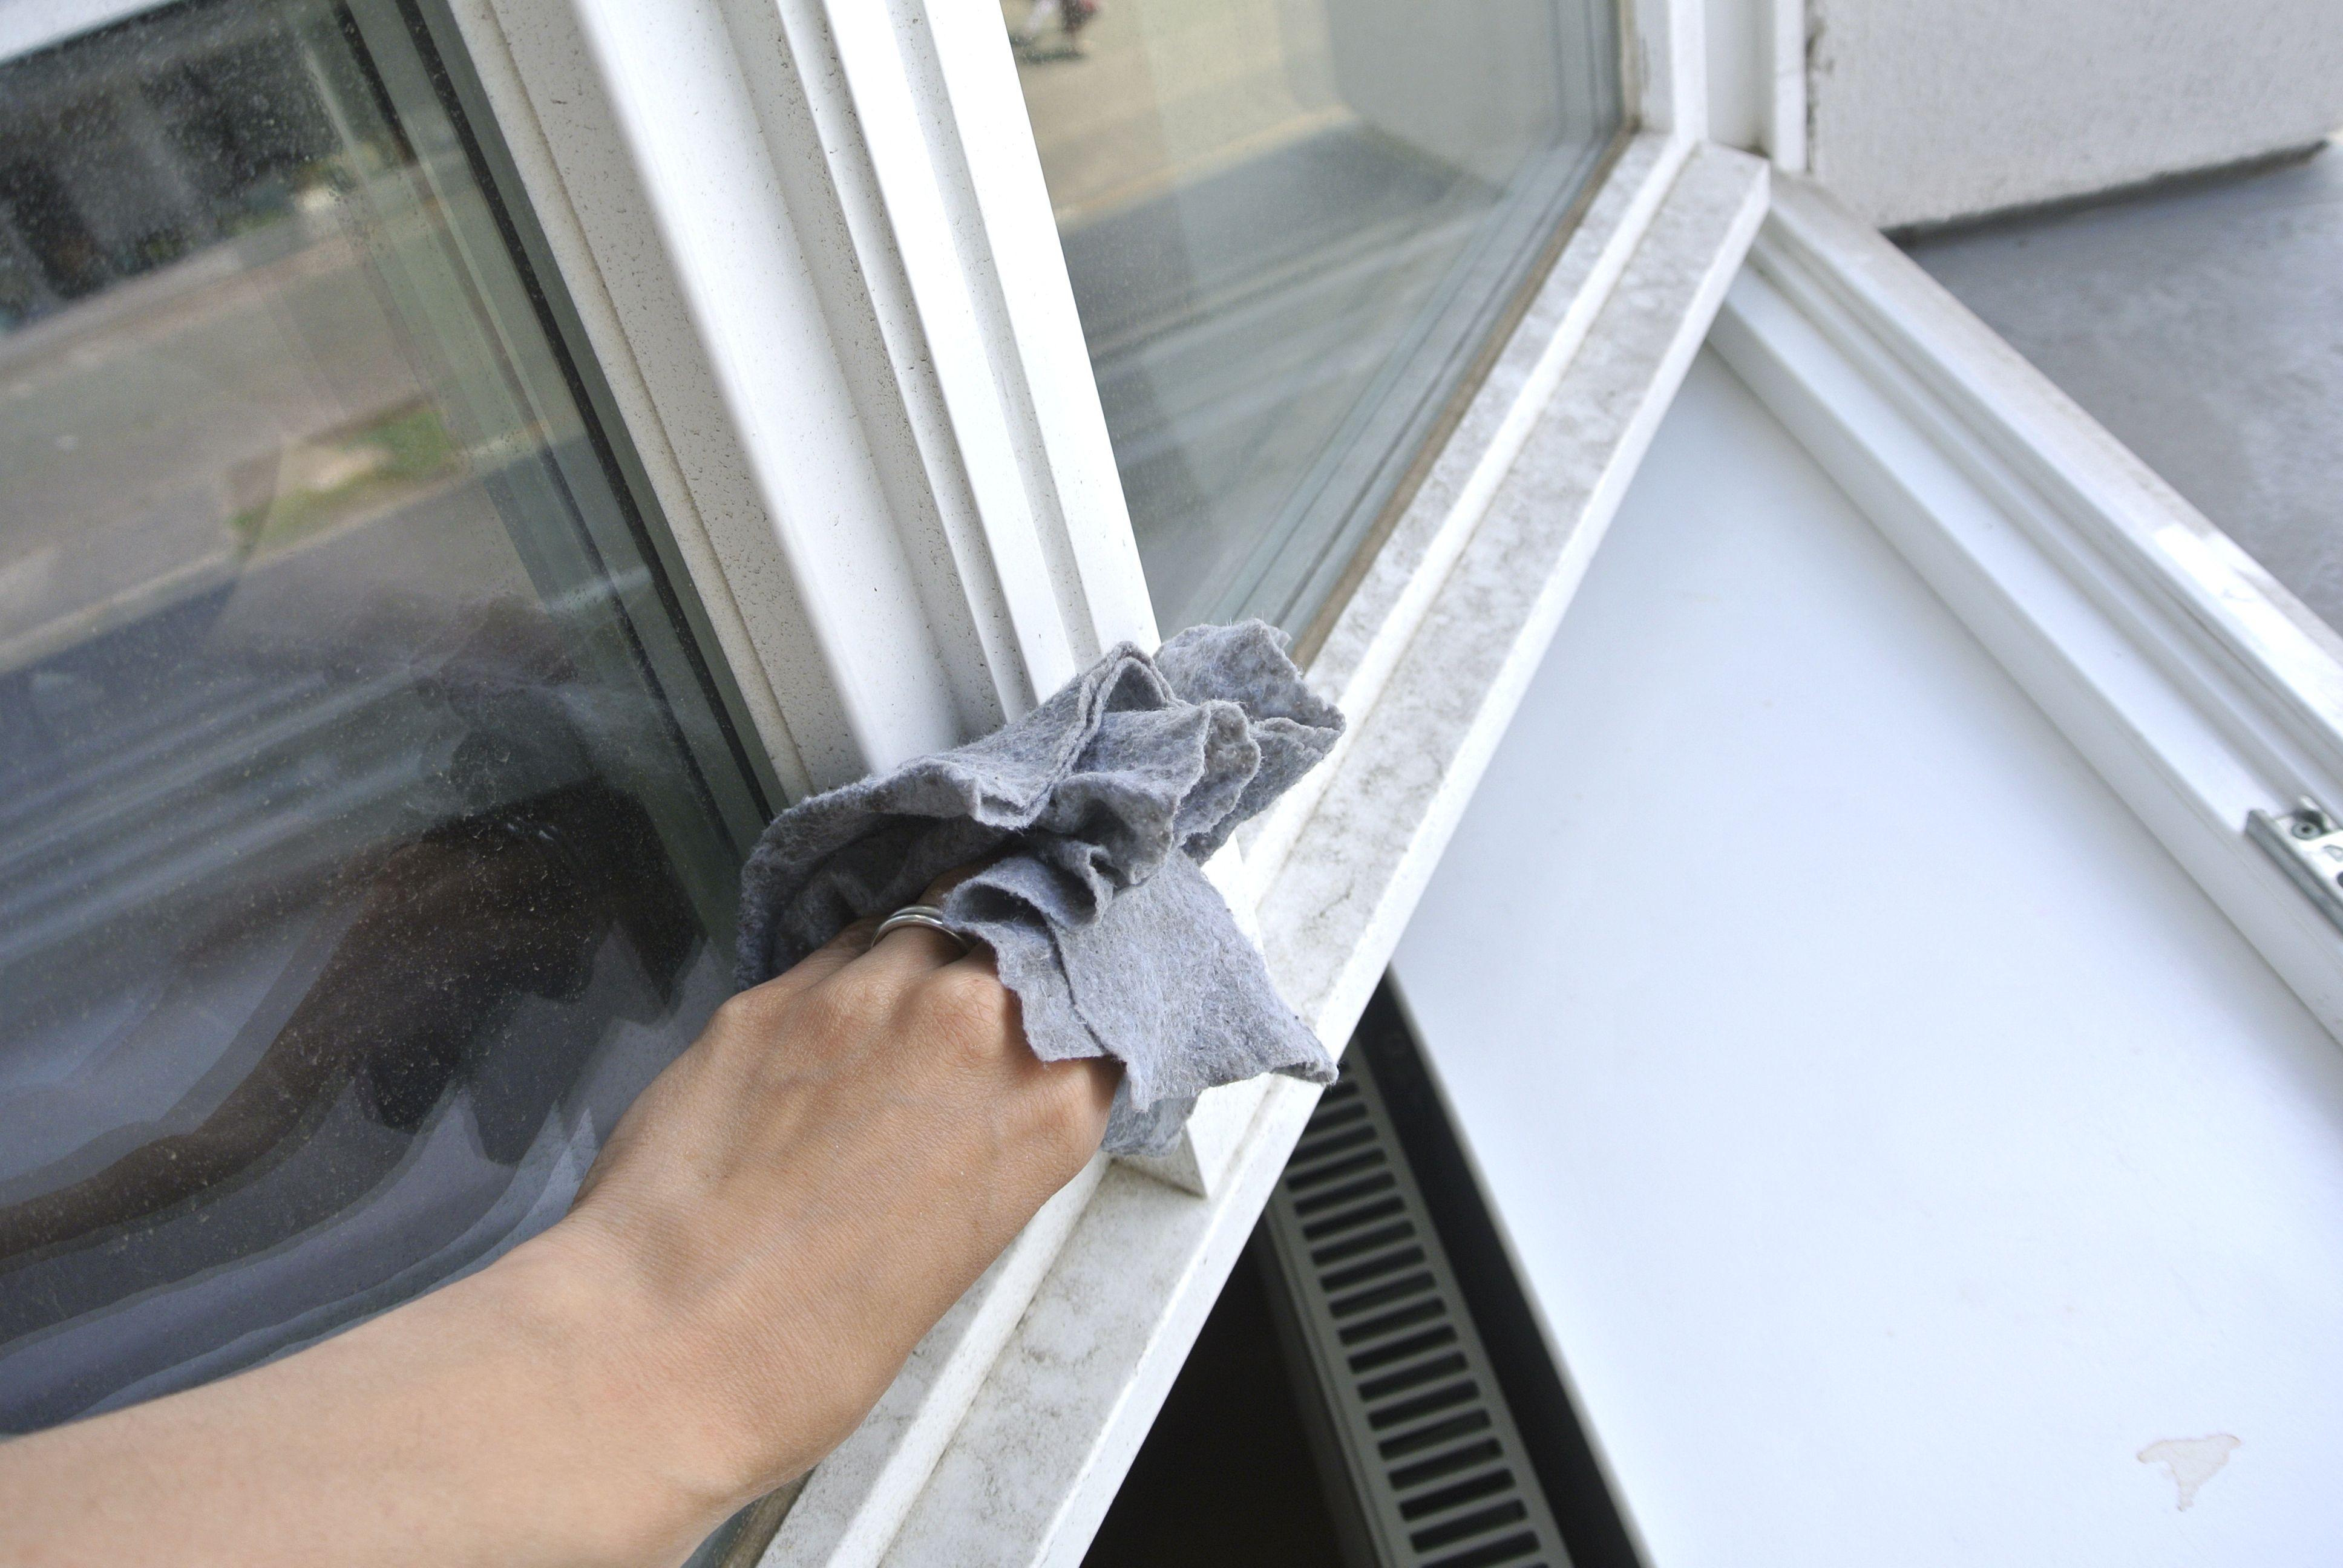 Fensterputzen mit WOW-Effekt | Fenster putzen, Tipps und Durchblick